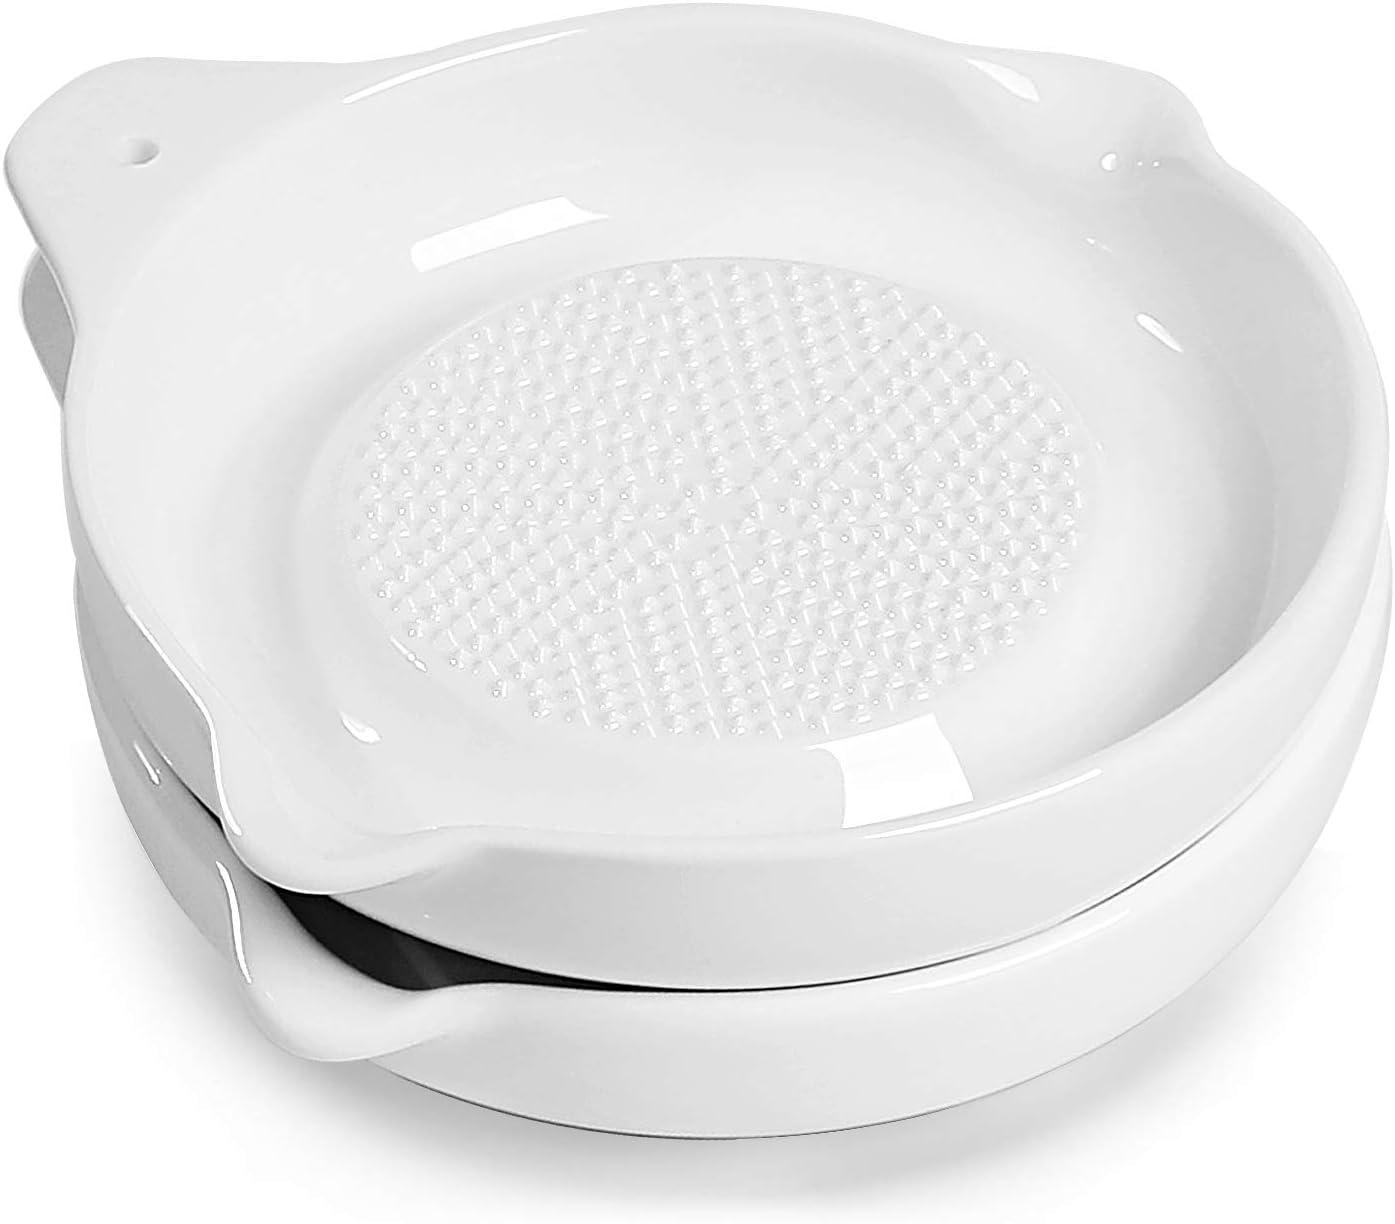 ONTUBE Porcelain Utensil depot Spoon Rest Plate security for Gi Ceramics Grater